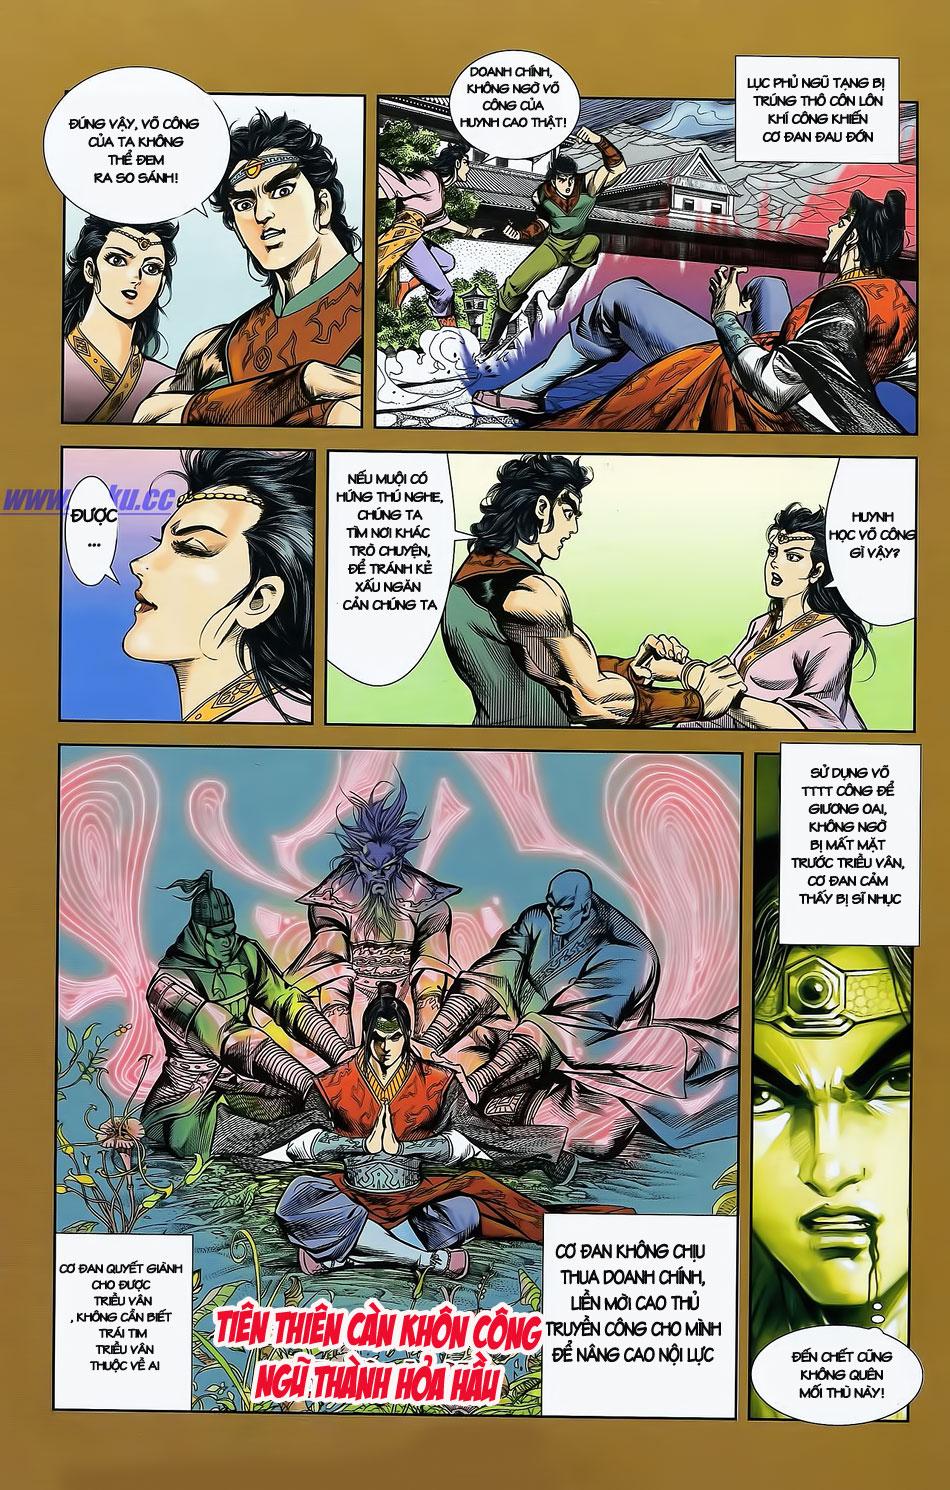 Tần Vương Doanh Chính chapter 2 trang 15